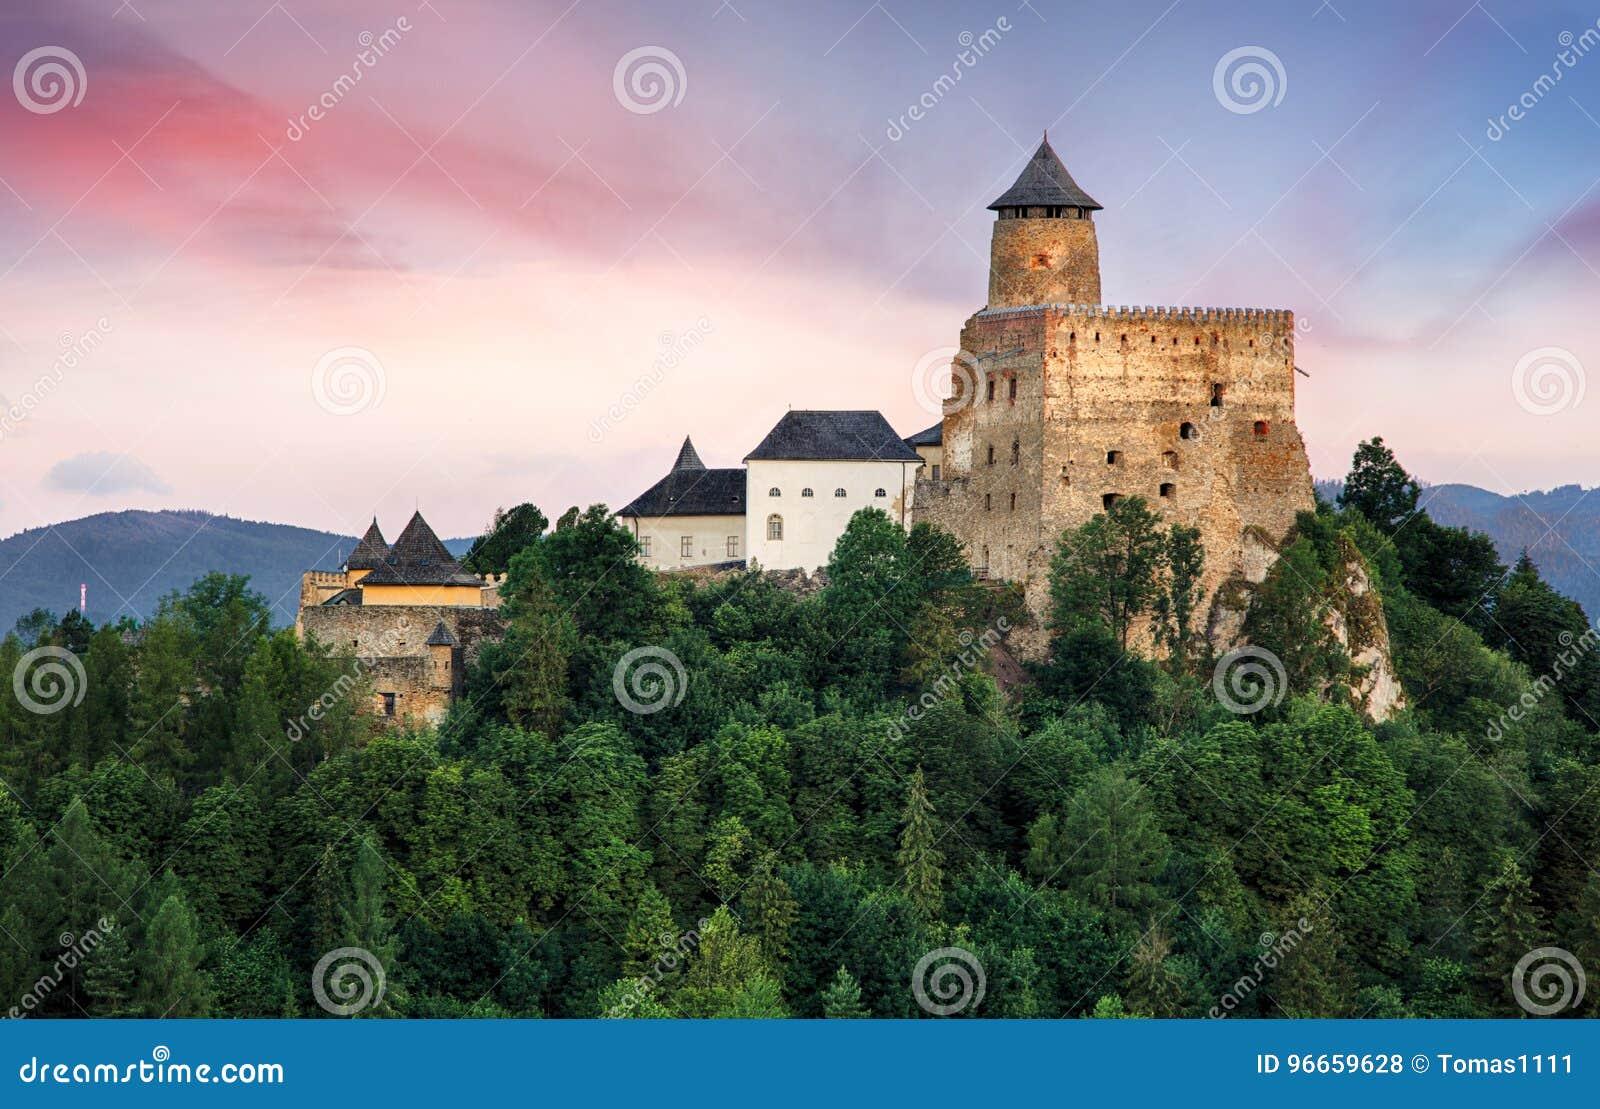 Κάστρο Lubovna Stara ορόσημο της Σλοβακίας, Ευρώπη